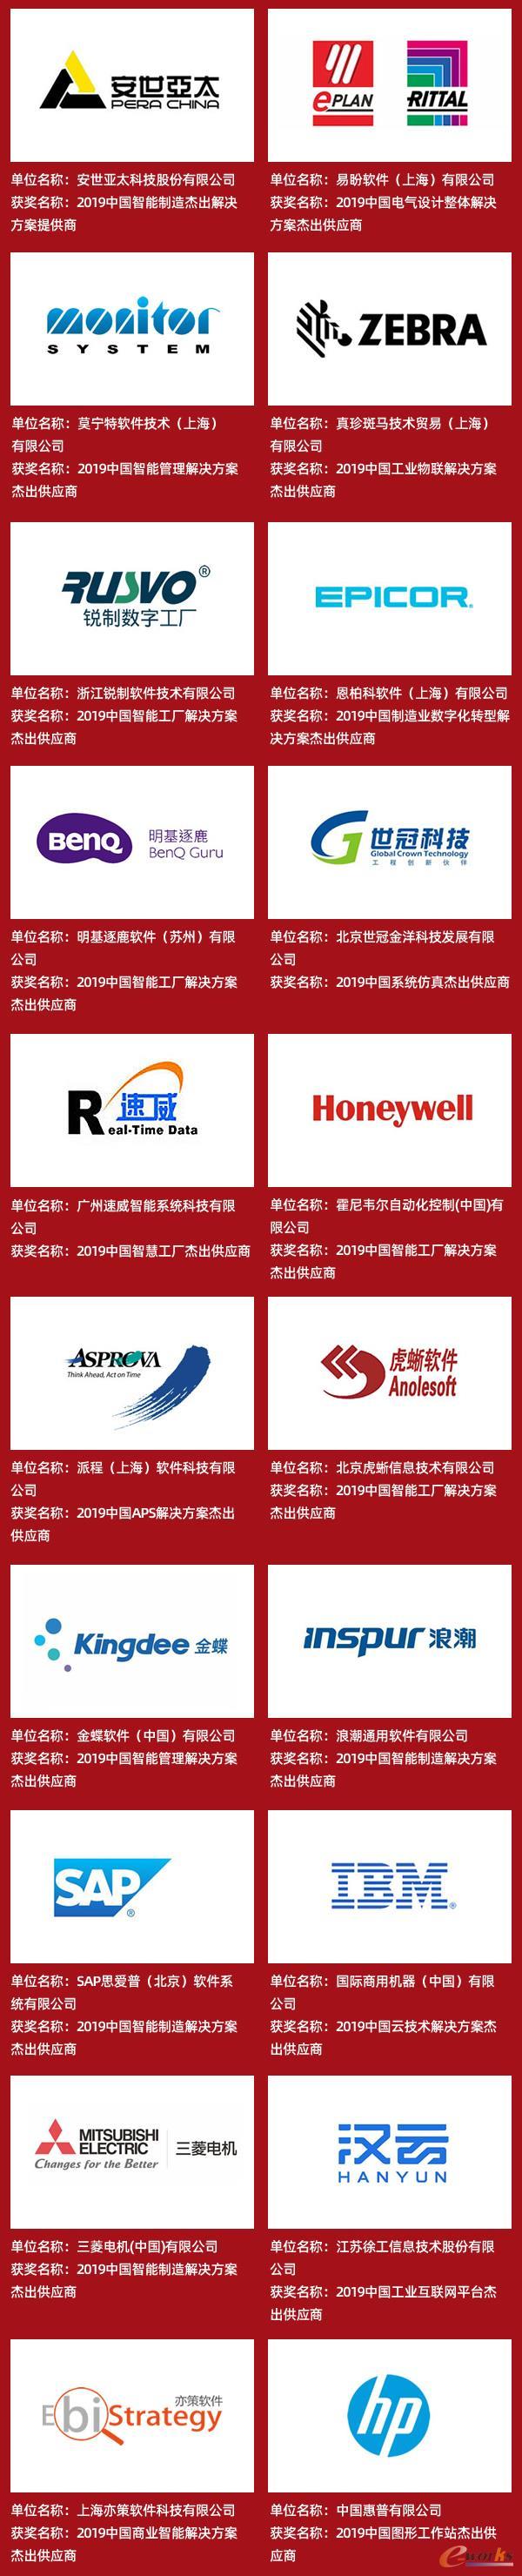 2019年度中国智能制造杰出供应商